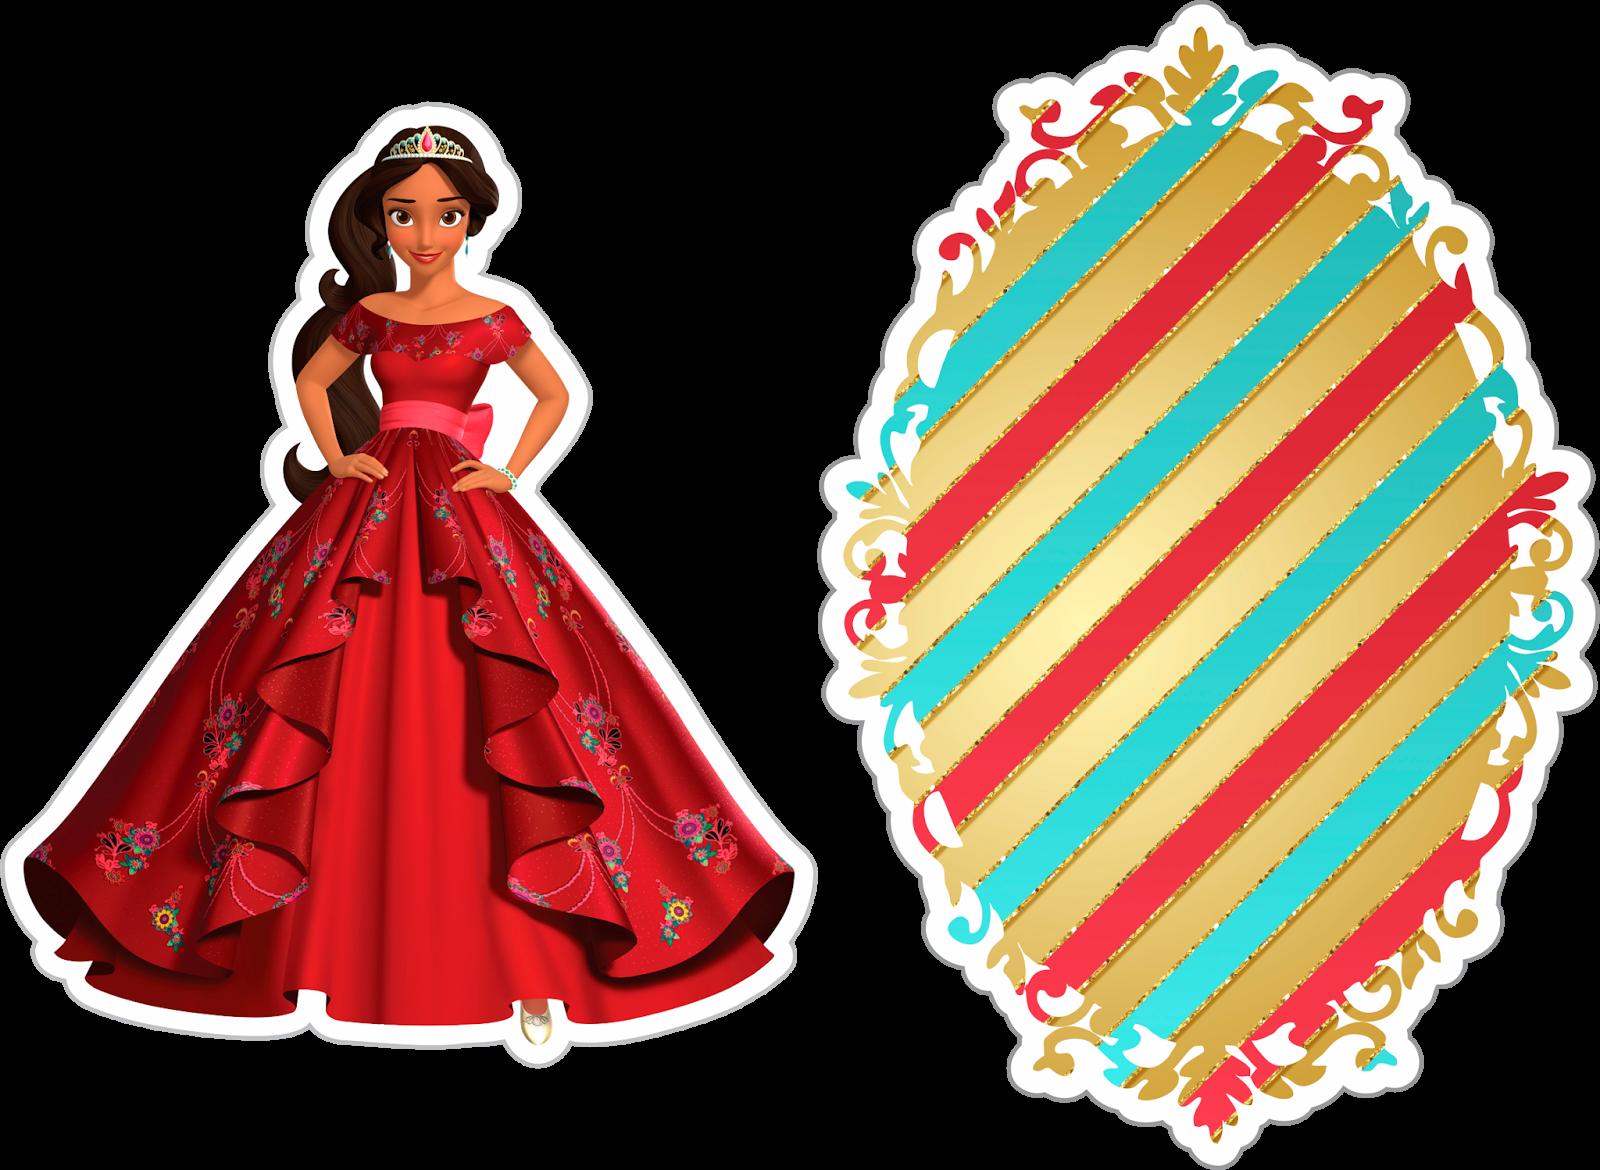 Download Tag 3d Princesa Elena De Avalor Sofia The First Elsa